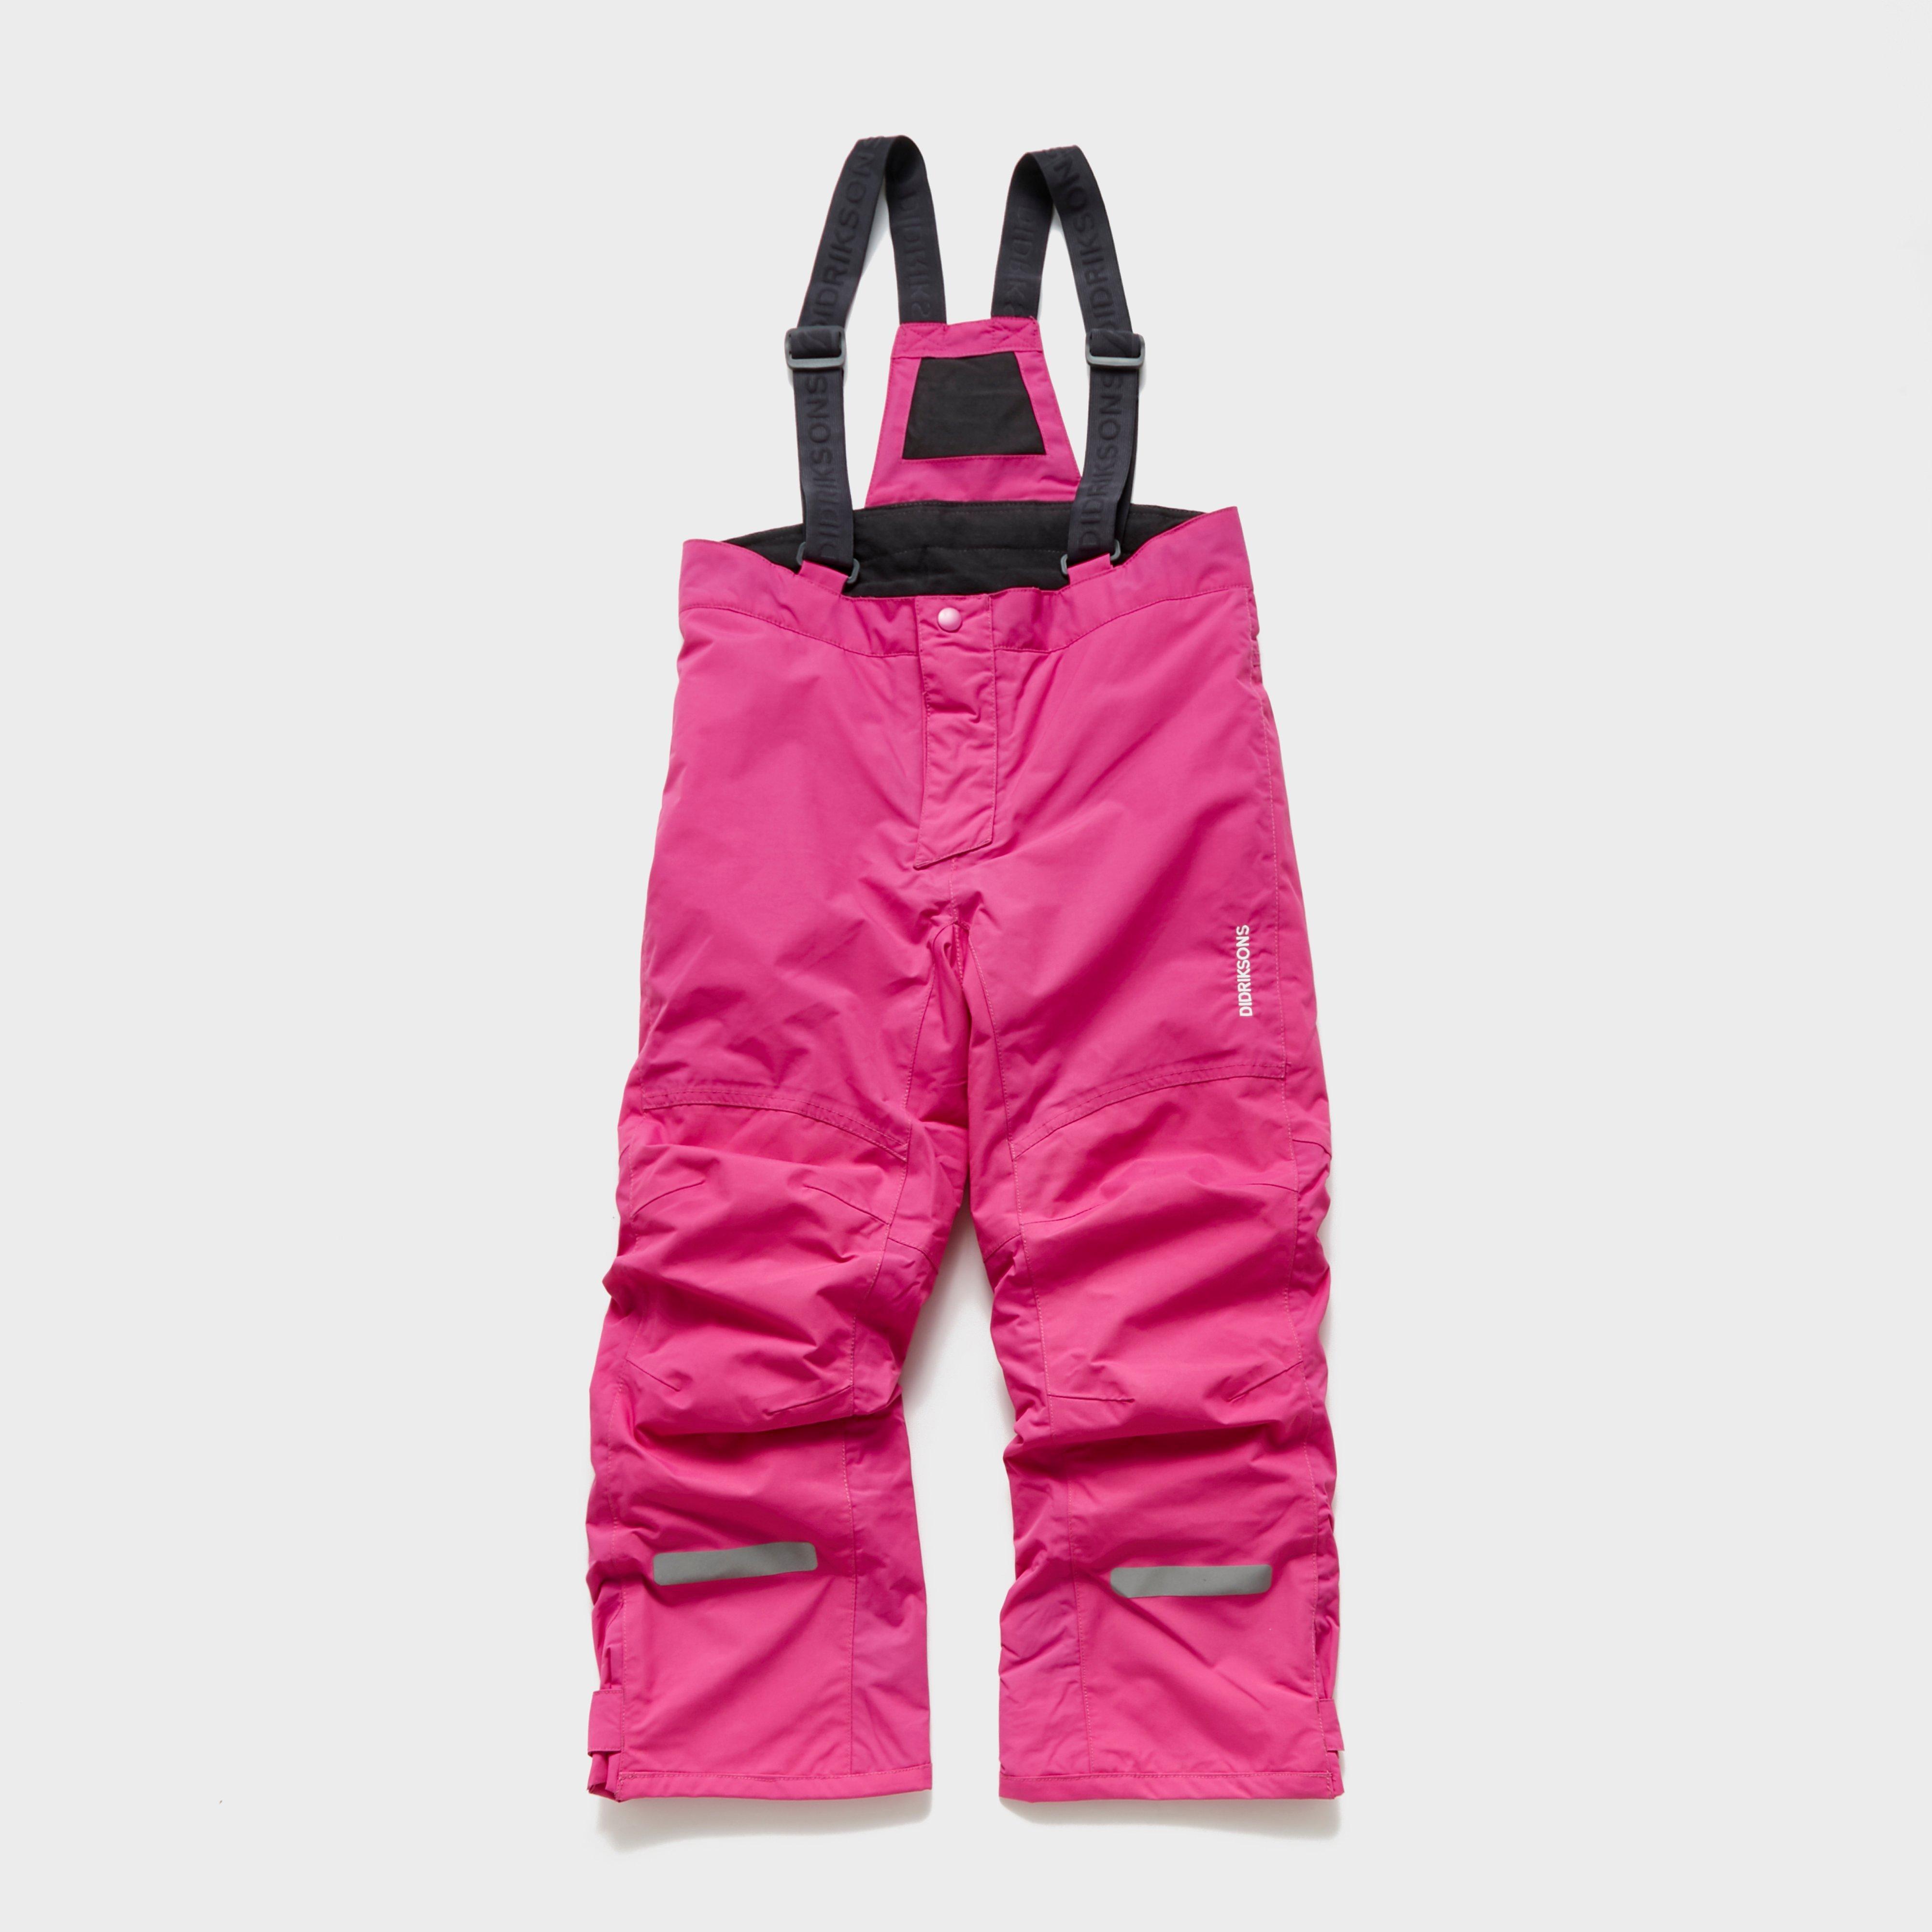 Didriksons Didriksons Girls Idre Pants - Pink, Pink